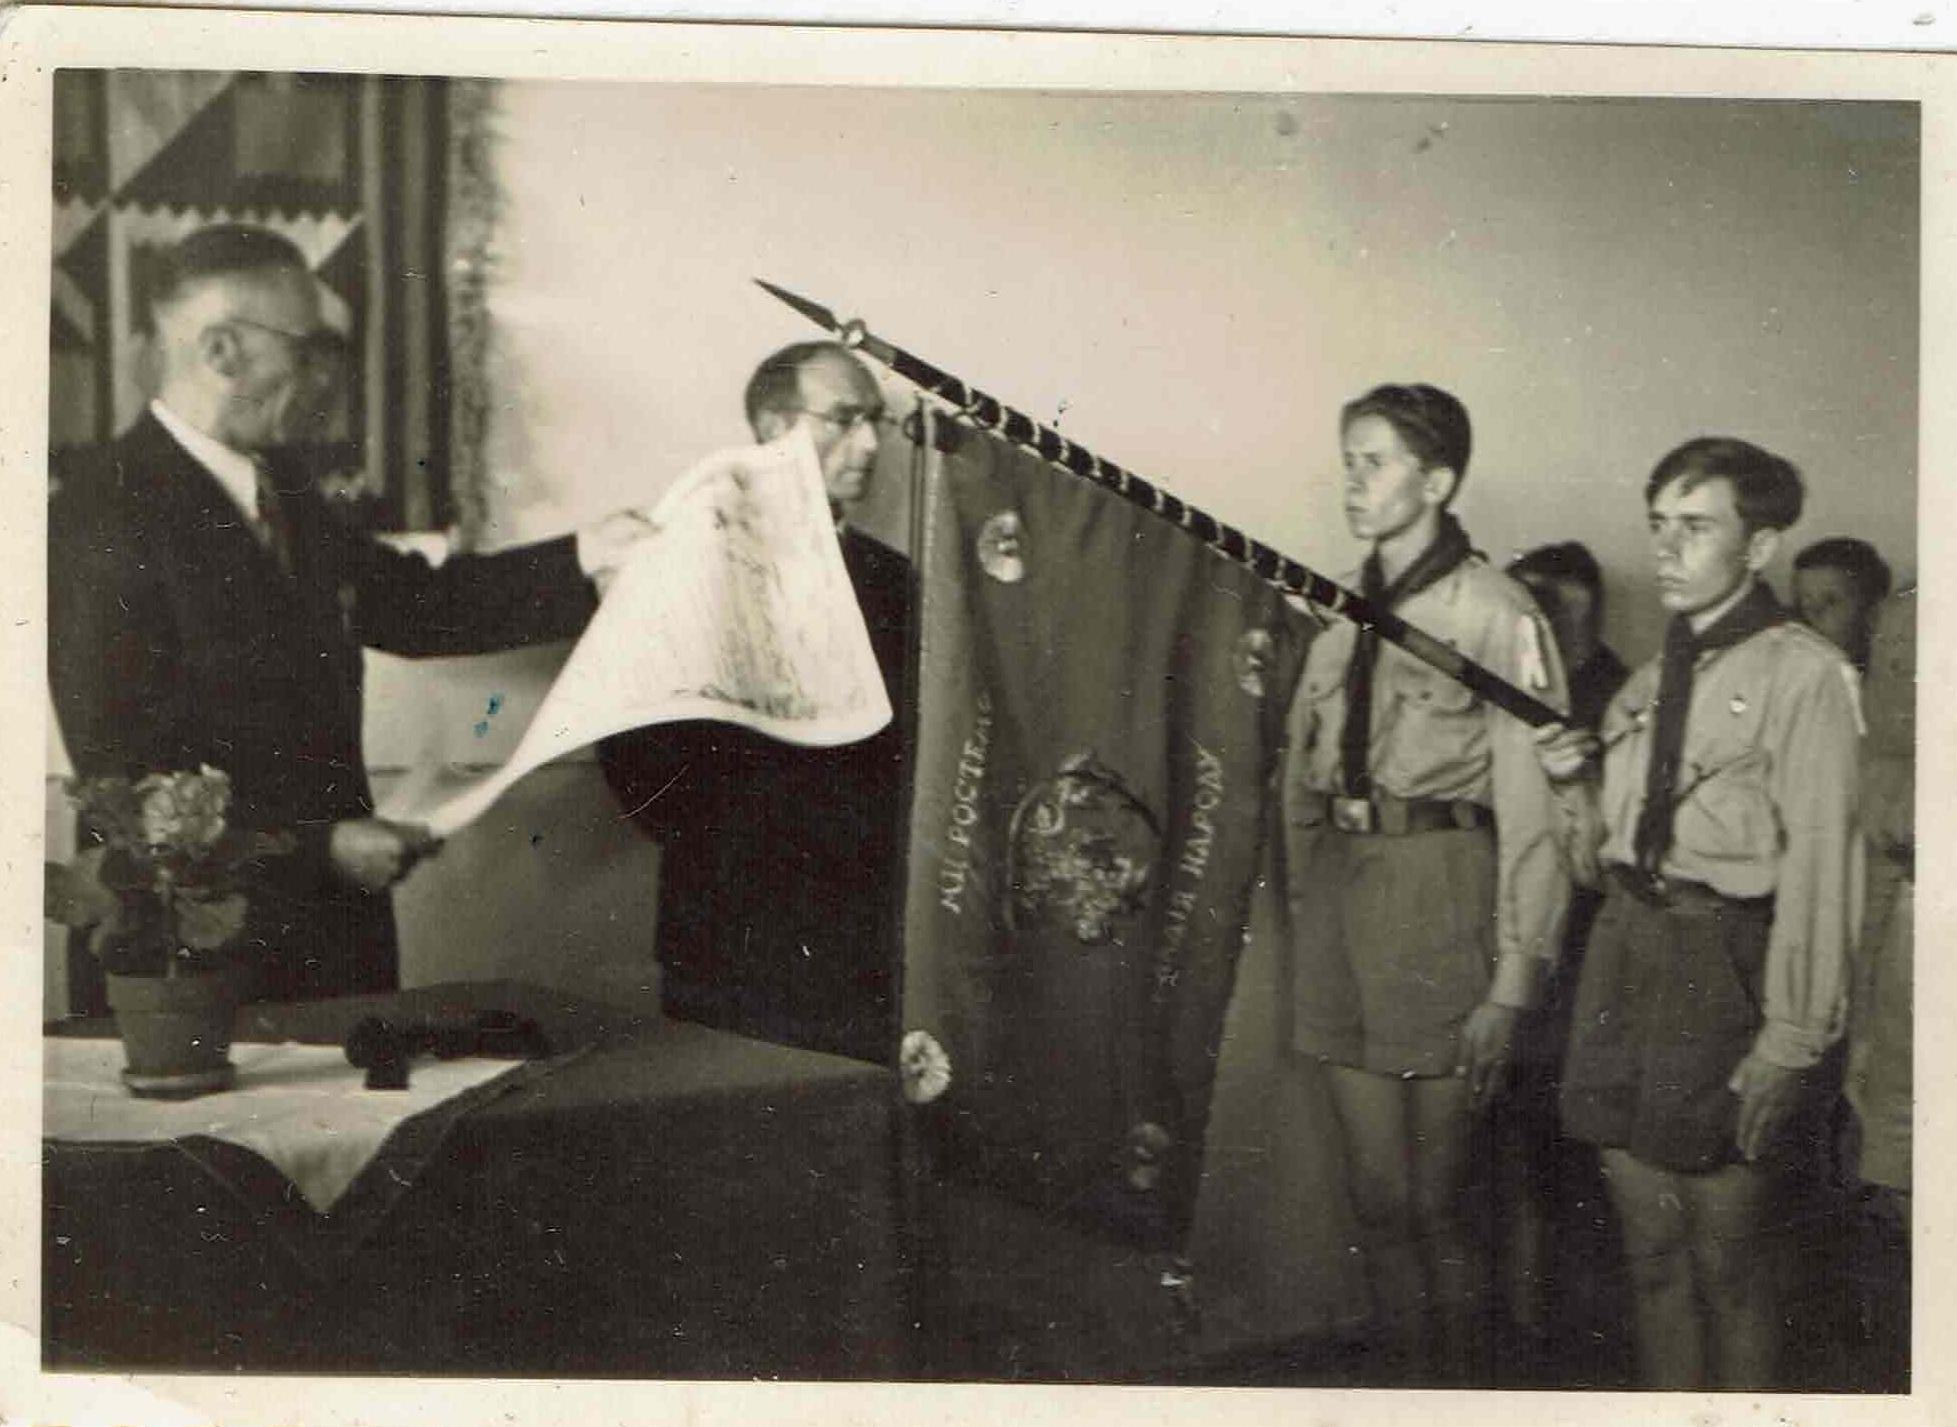 Заступник голови Братства УСС Іван Поритко зачитує грамоту УСС, 20.06.1948.